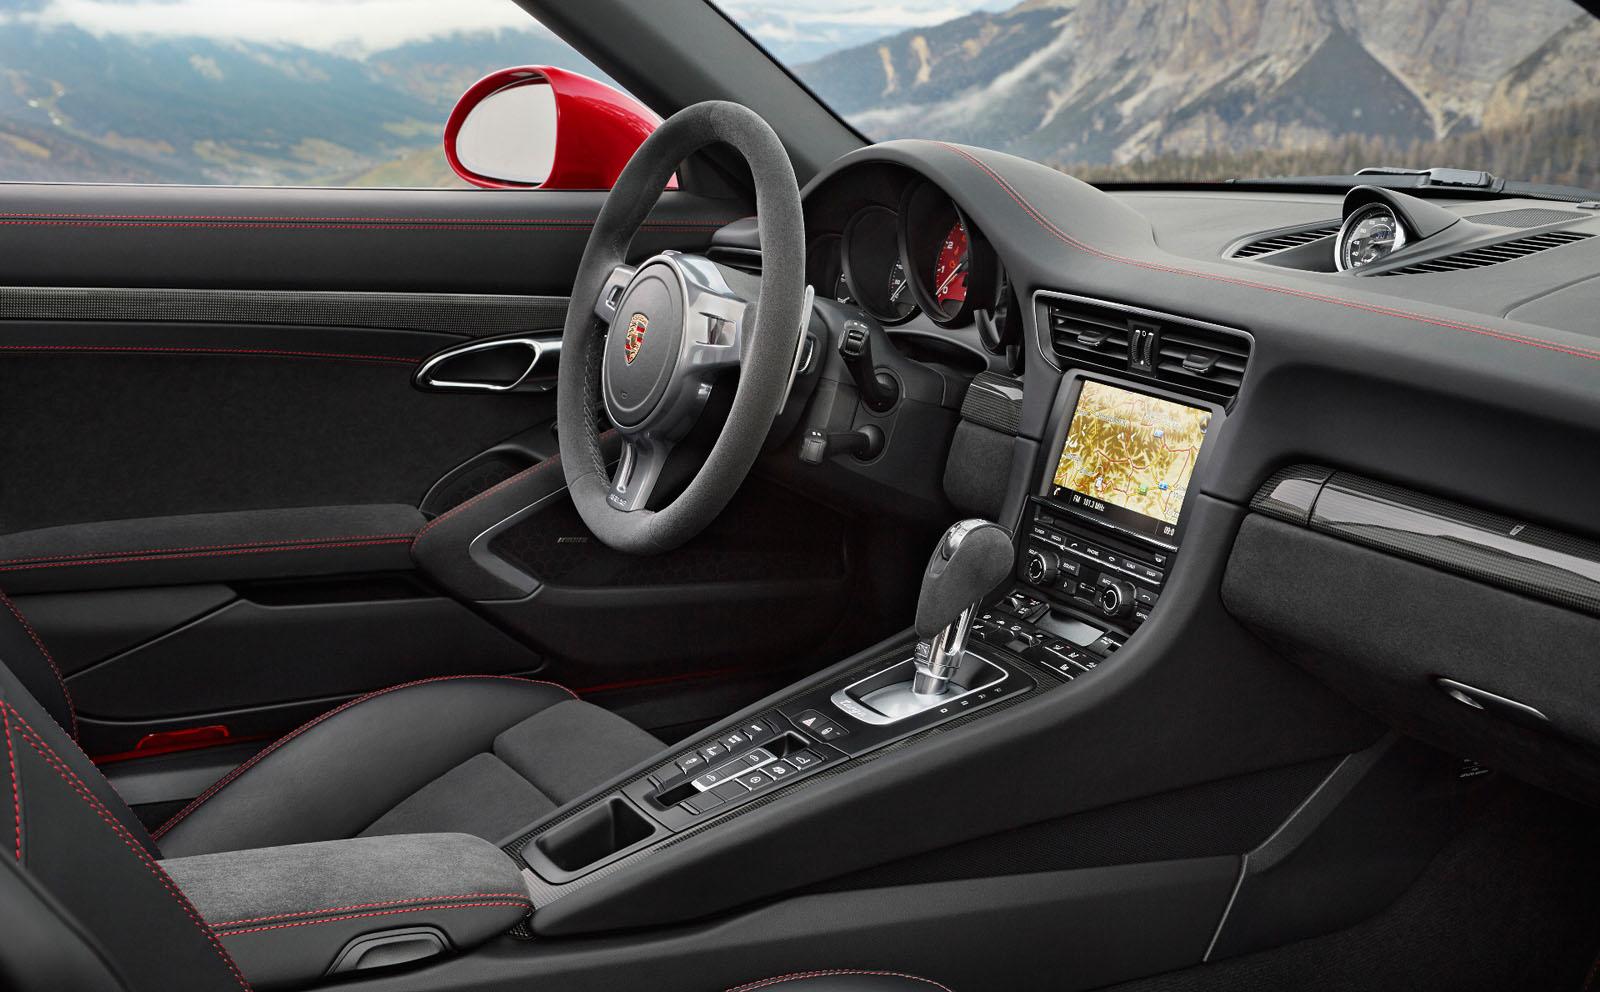 Porsche 911 targa 4 gts rendez vous en terre inconnue for Interieur 911